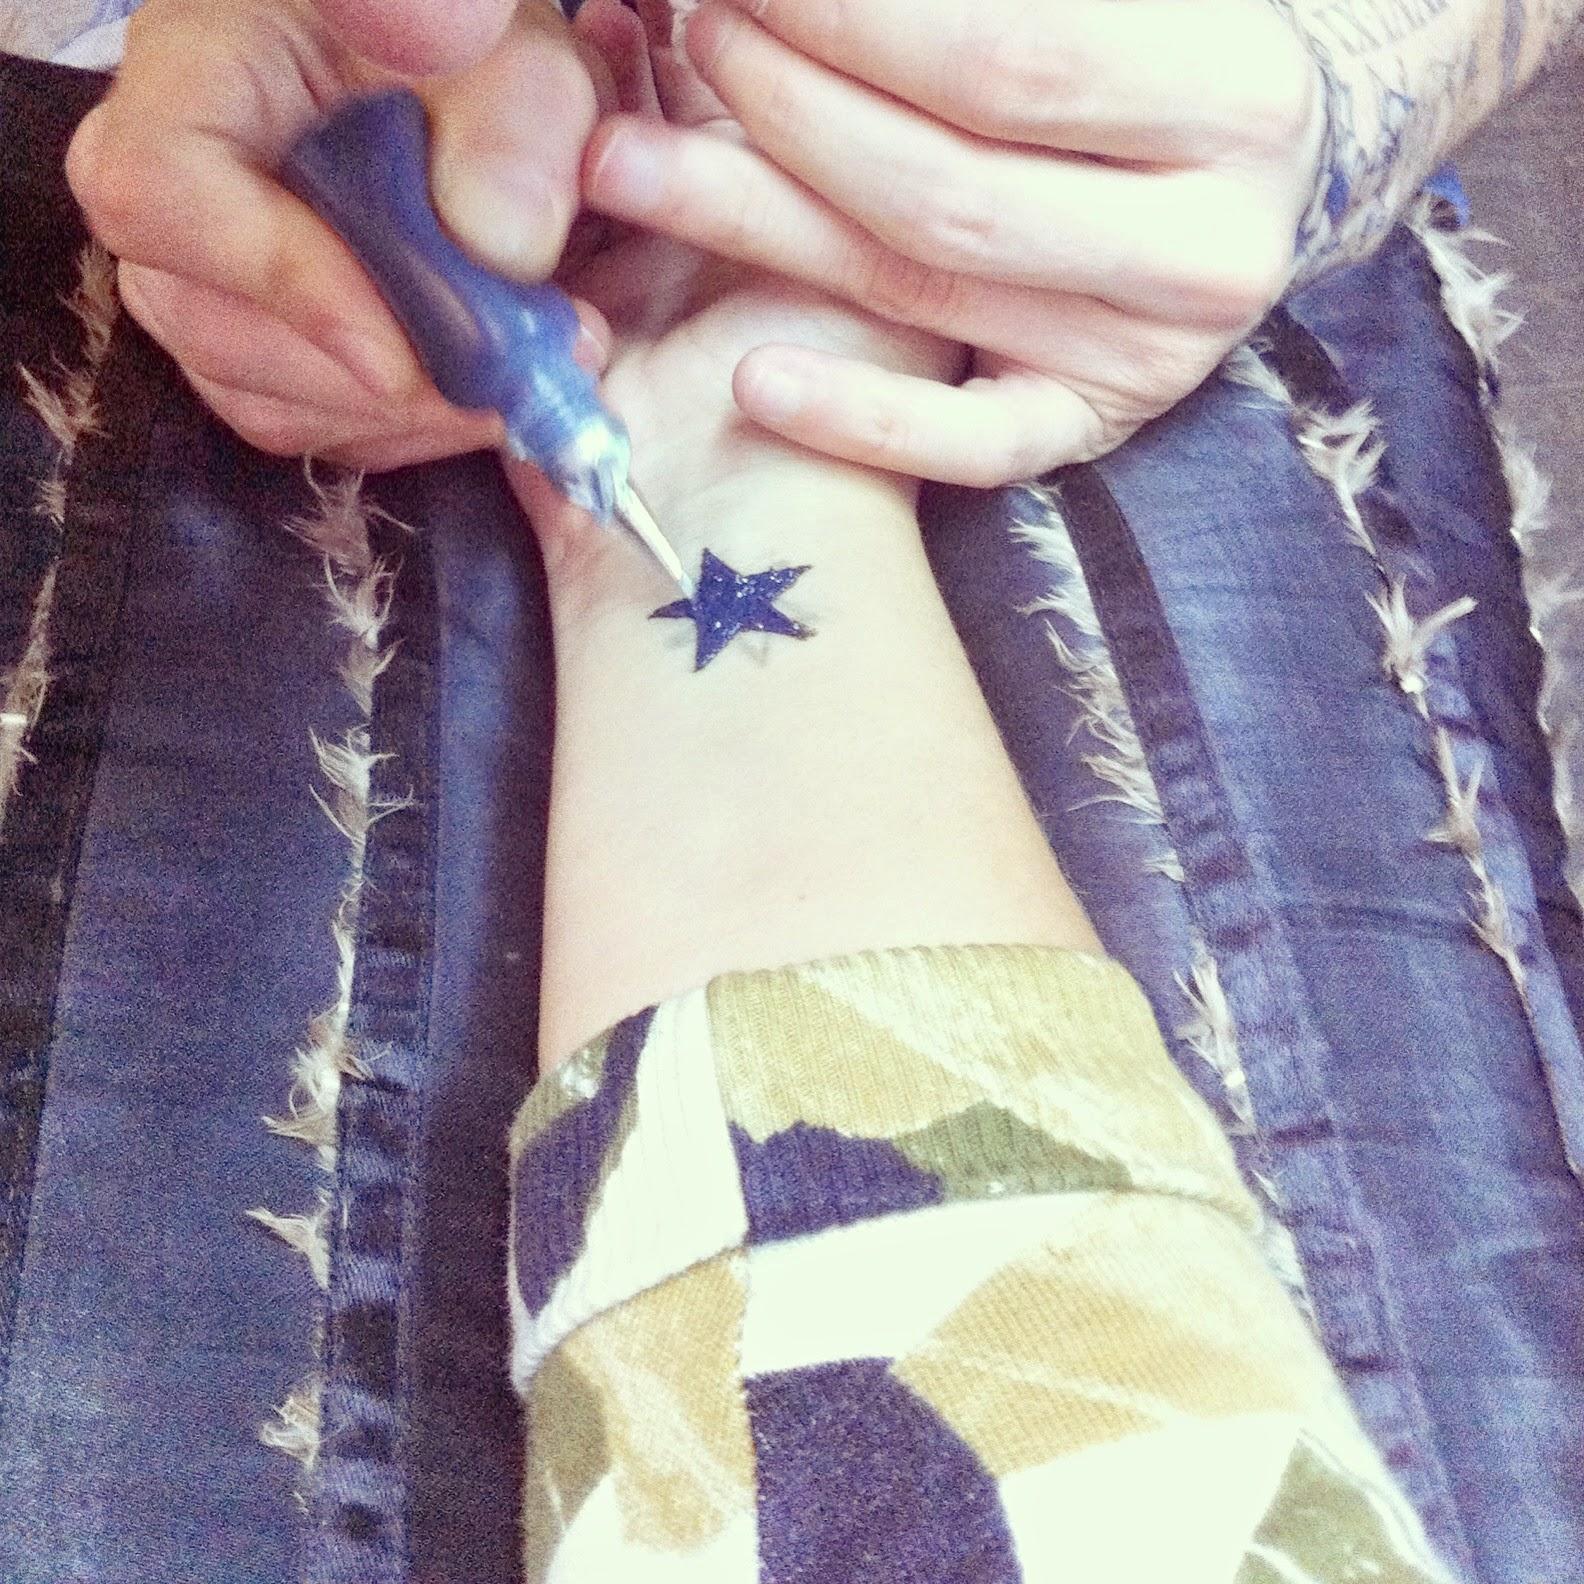 Modèle de tatouage deux lettres calligraphiées Natcalli - Idee De Tatouage Avec Initiale